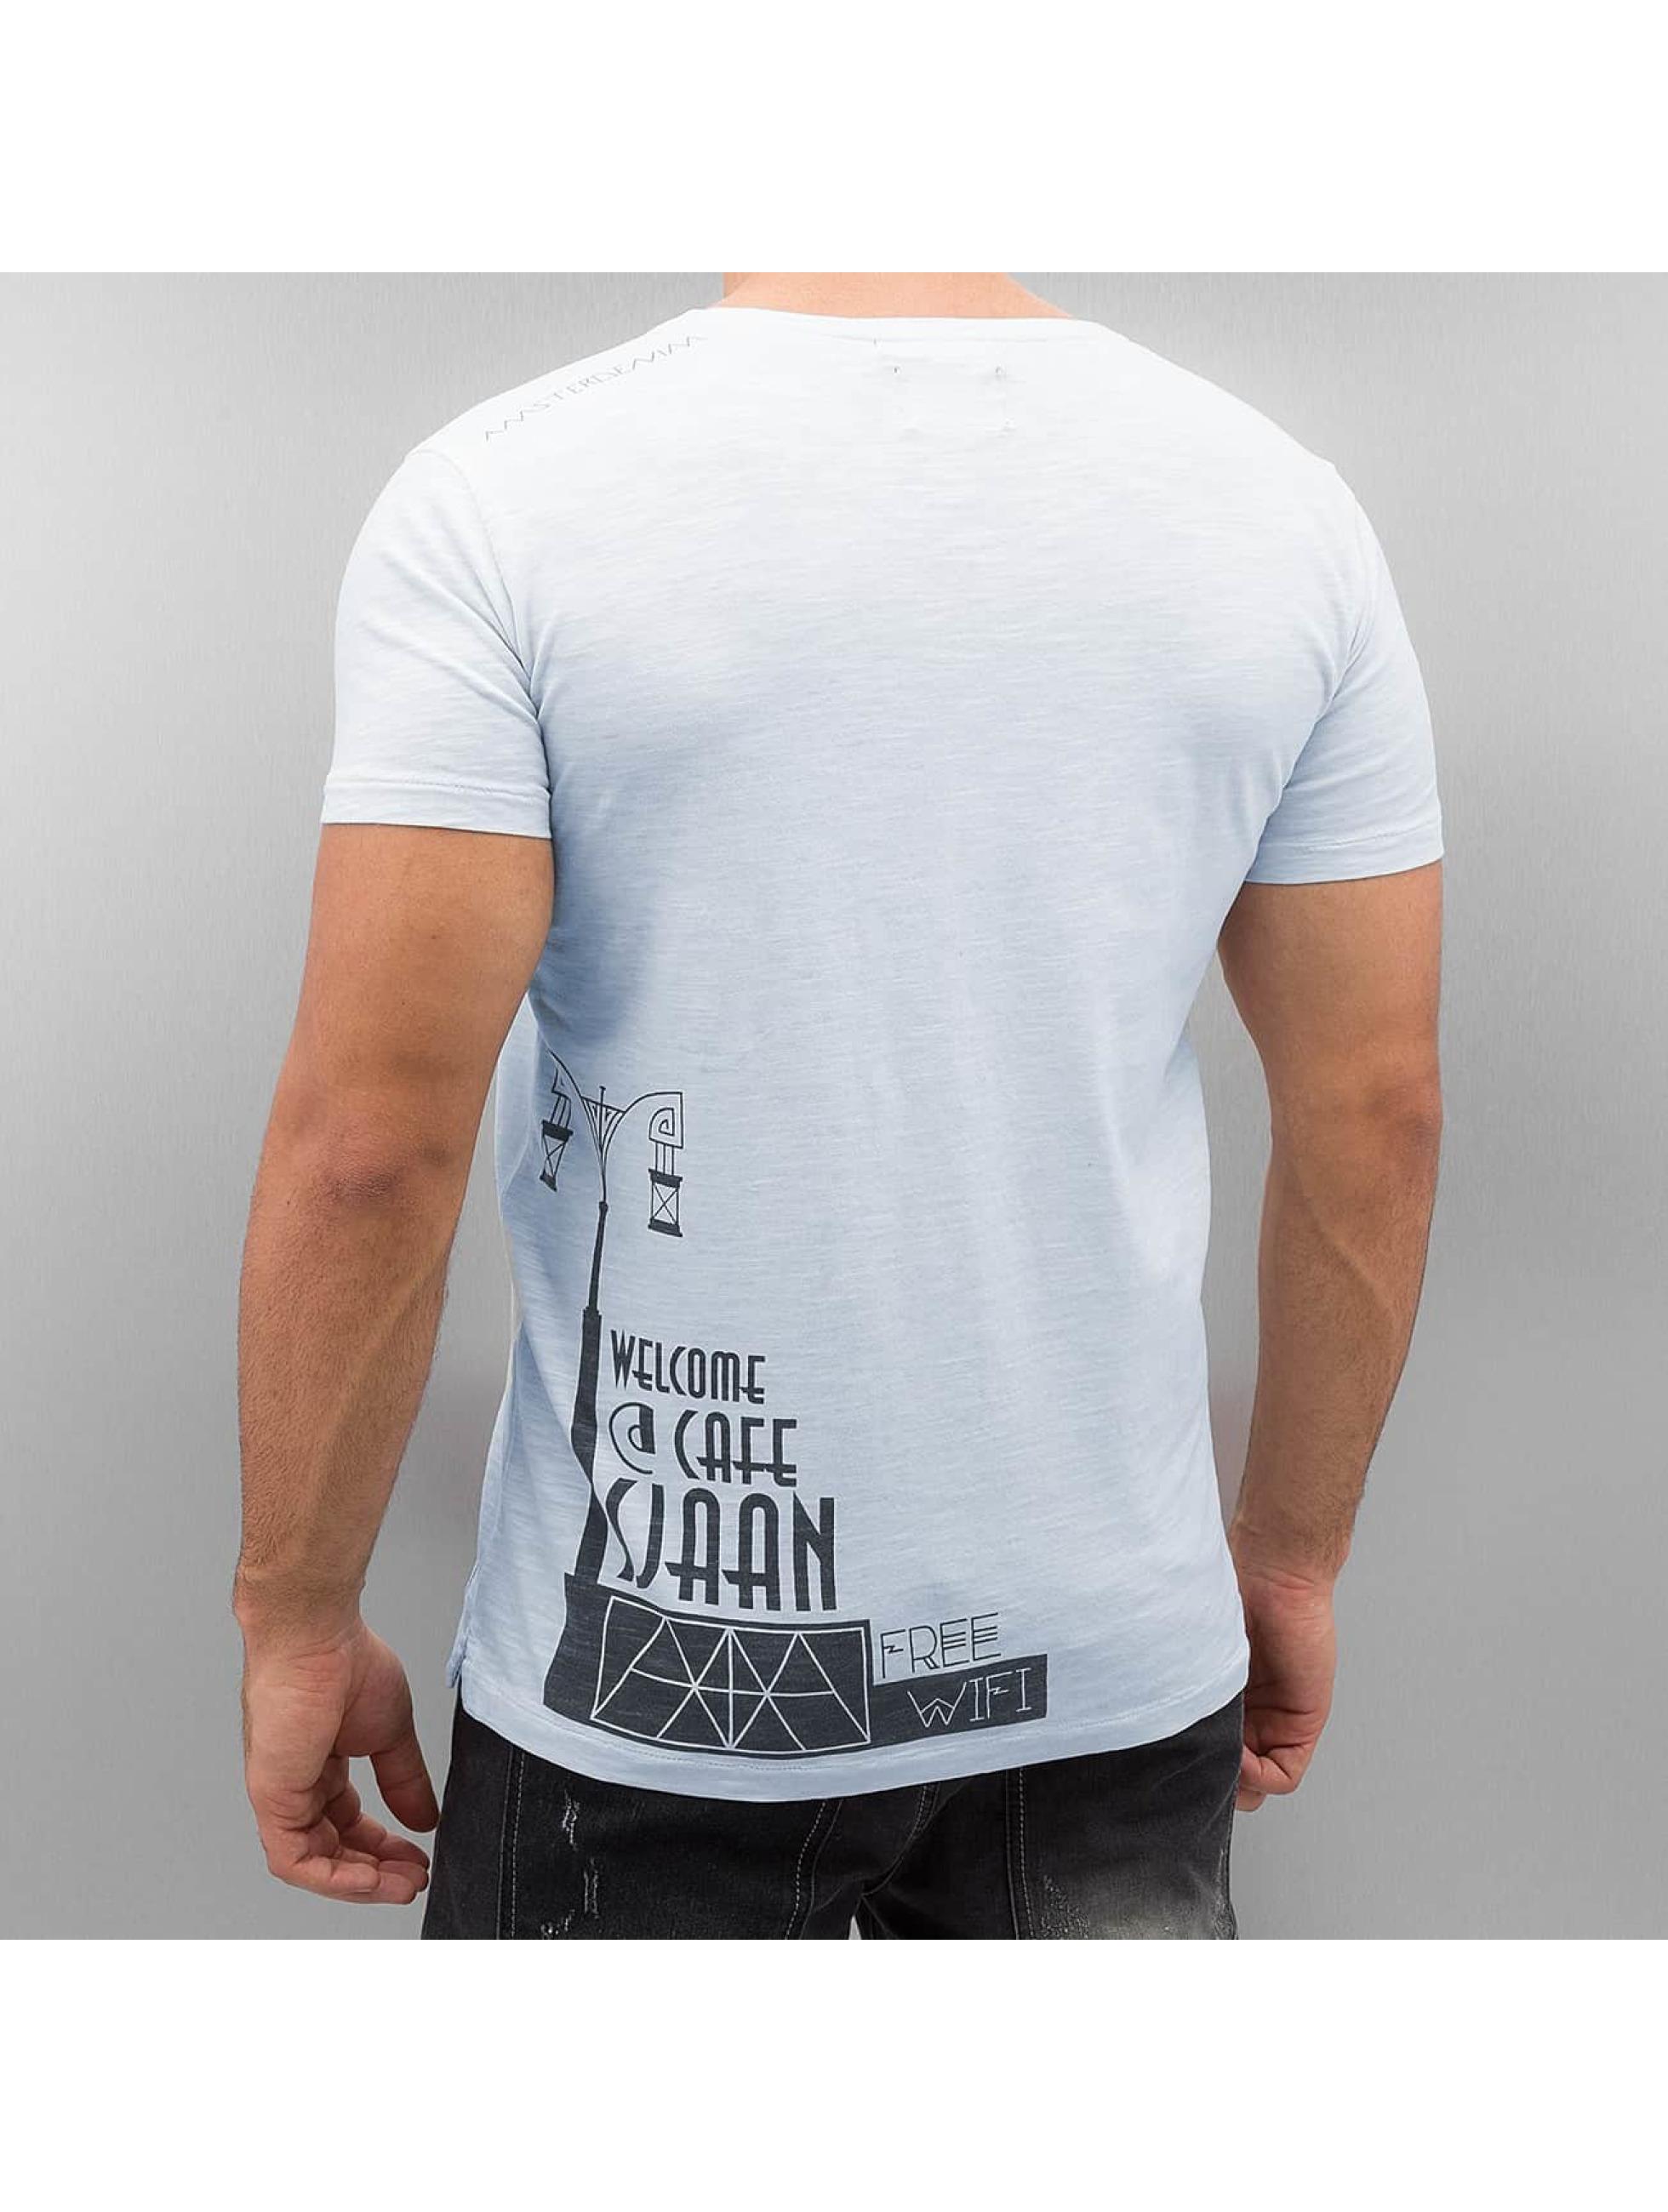 Amsterdenim T-skjorter Tommy Sjaan blå